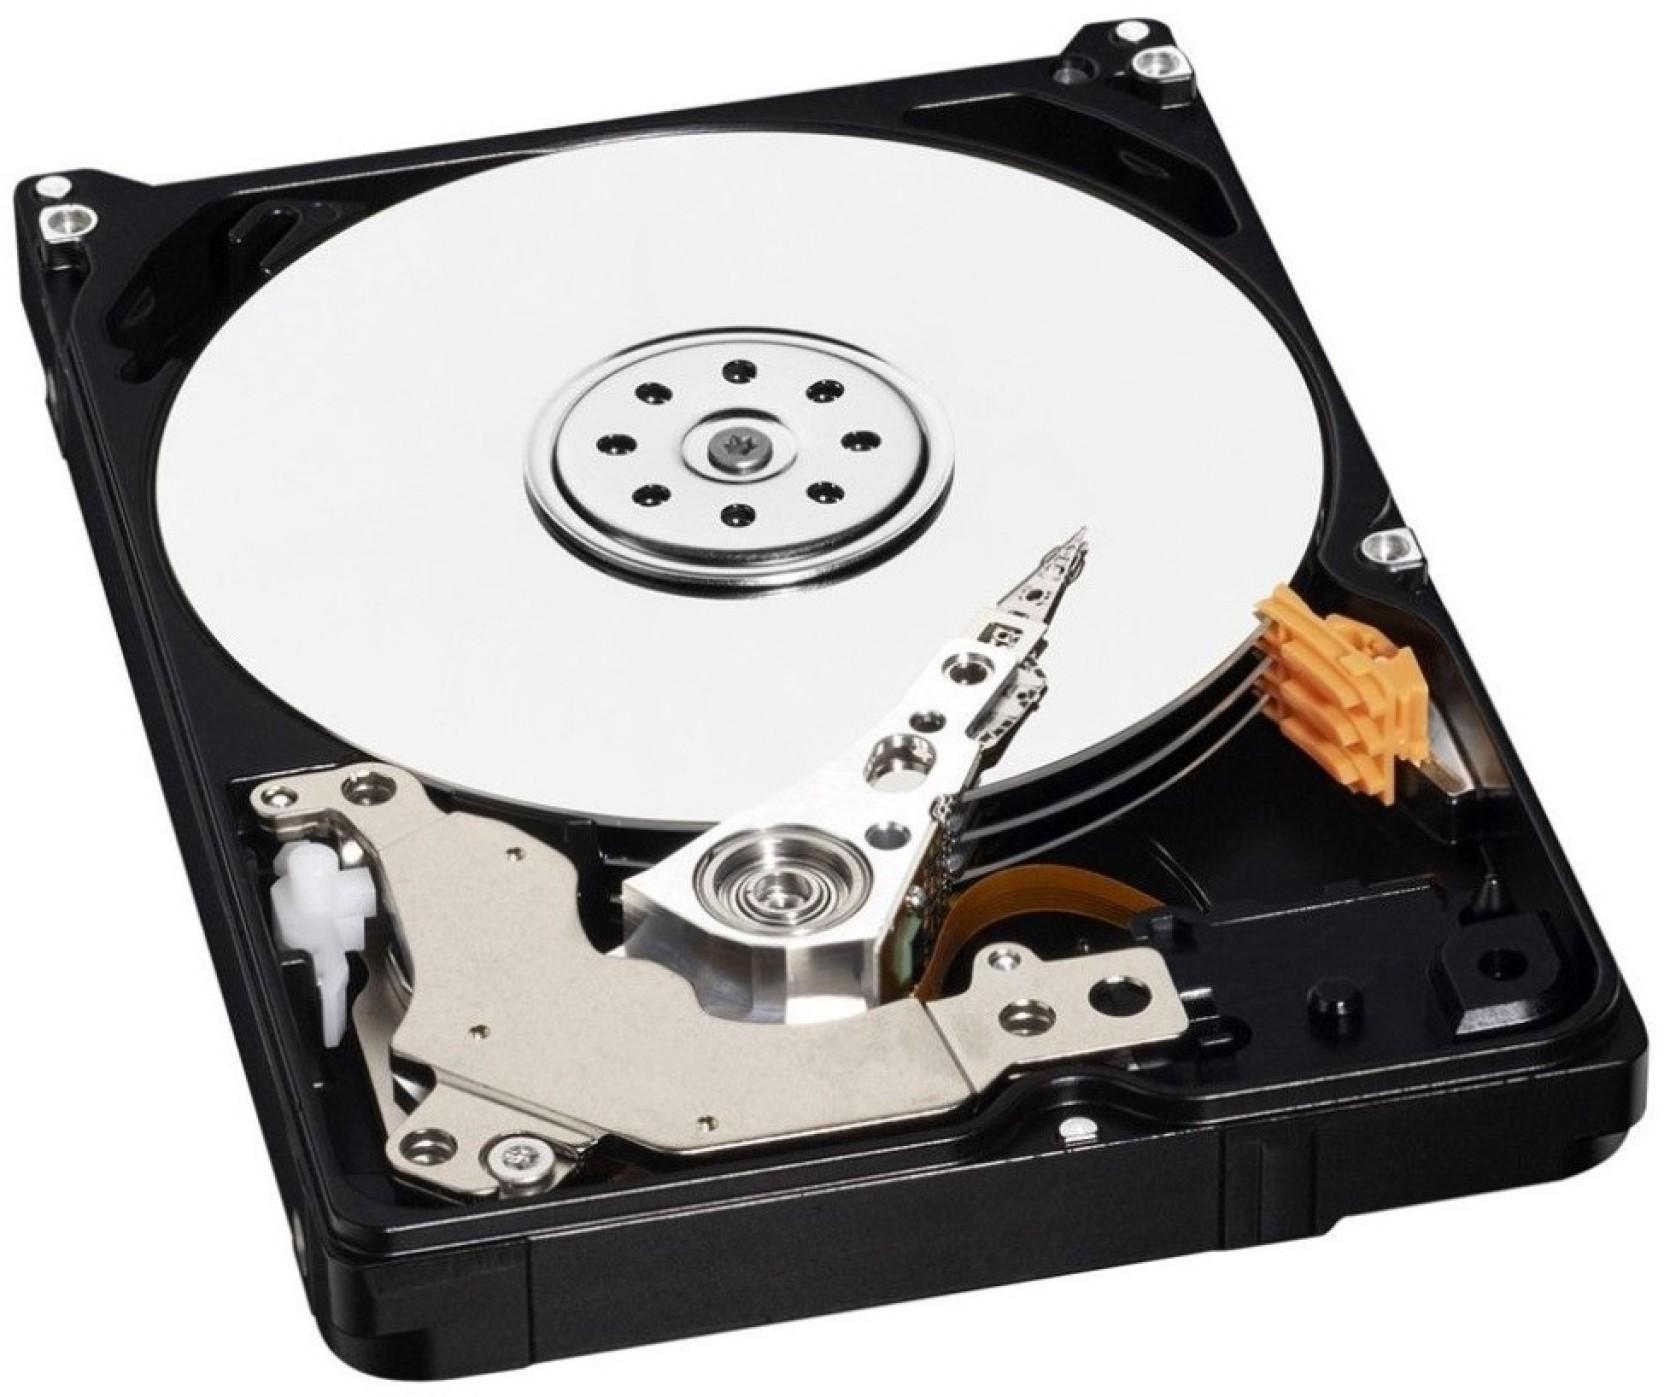 Wd 1 Tb Laptop Internal Hard Disk Drive Wd10jpvt Wd10jpvx Hdd Hardisk Pc 35 1tb 1000gb Add To Cart